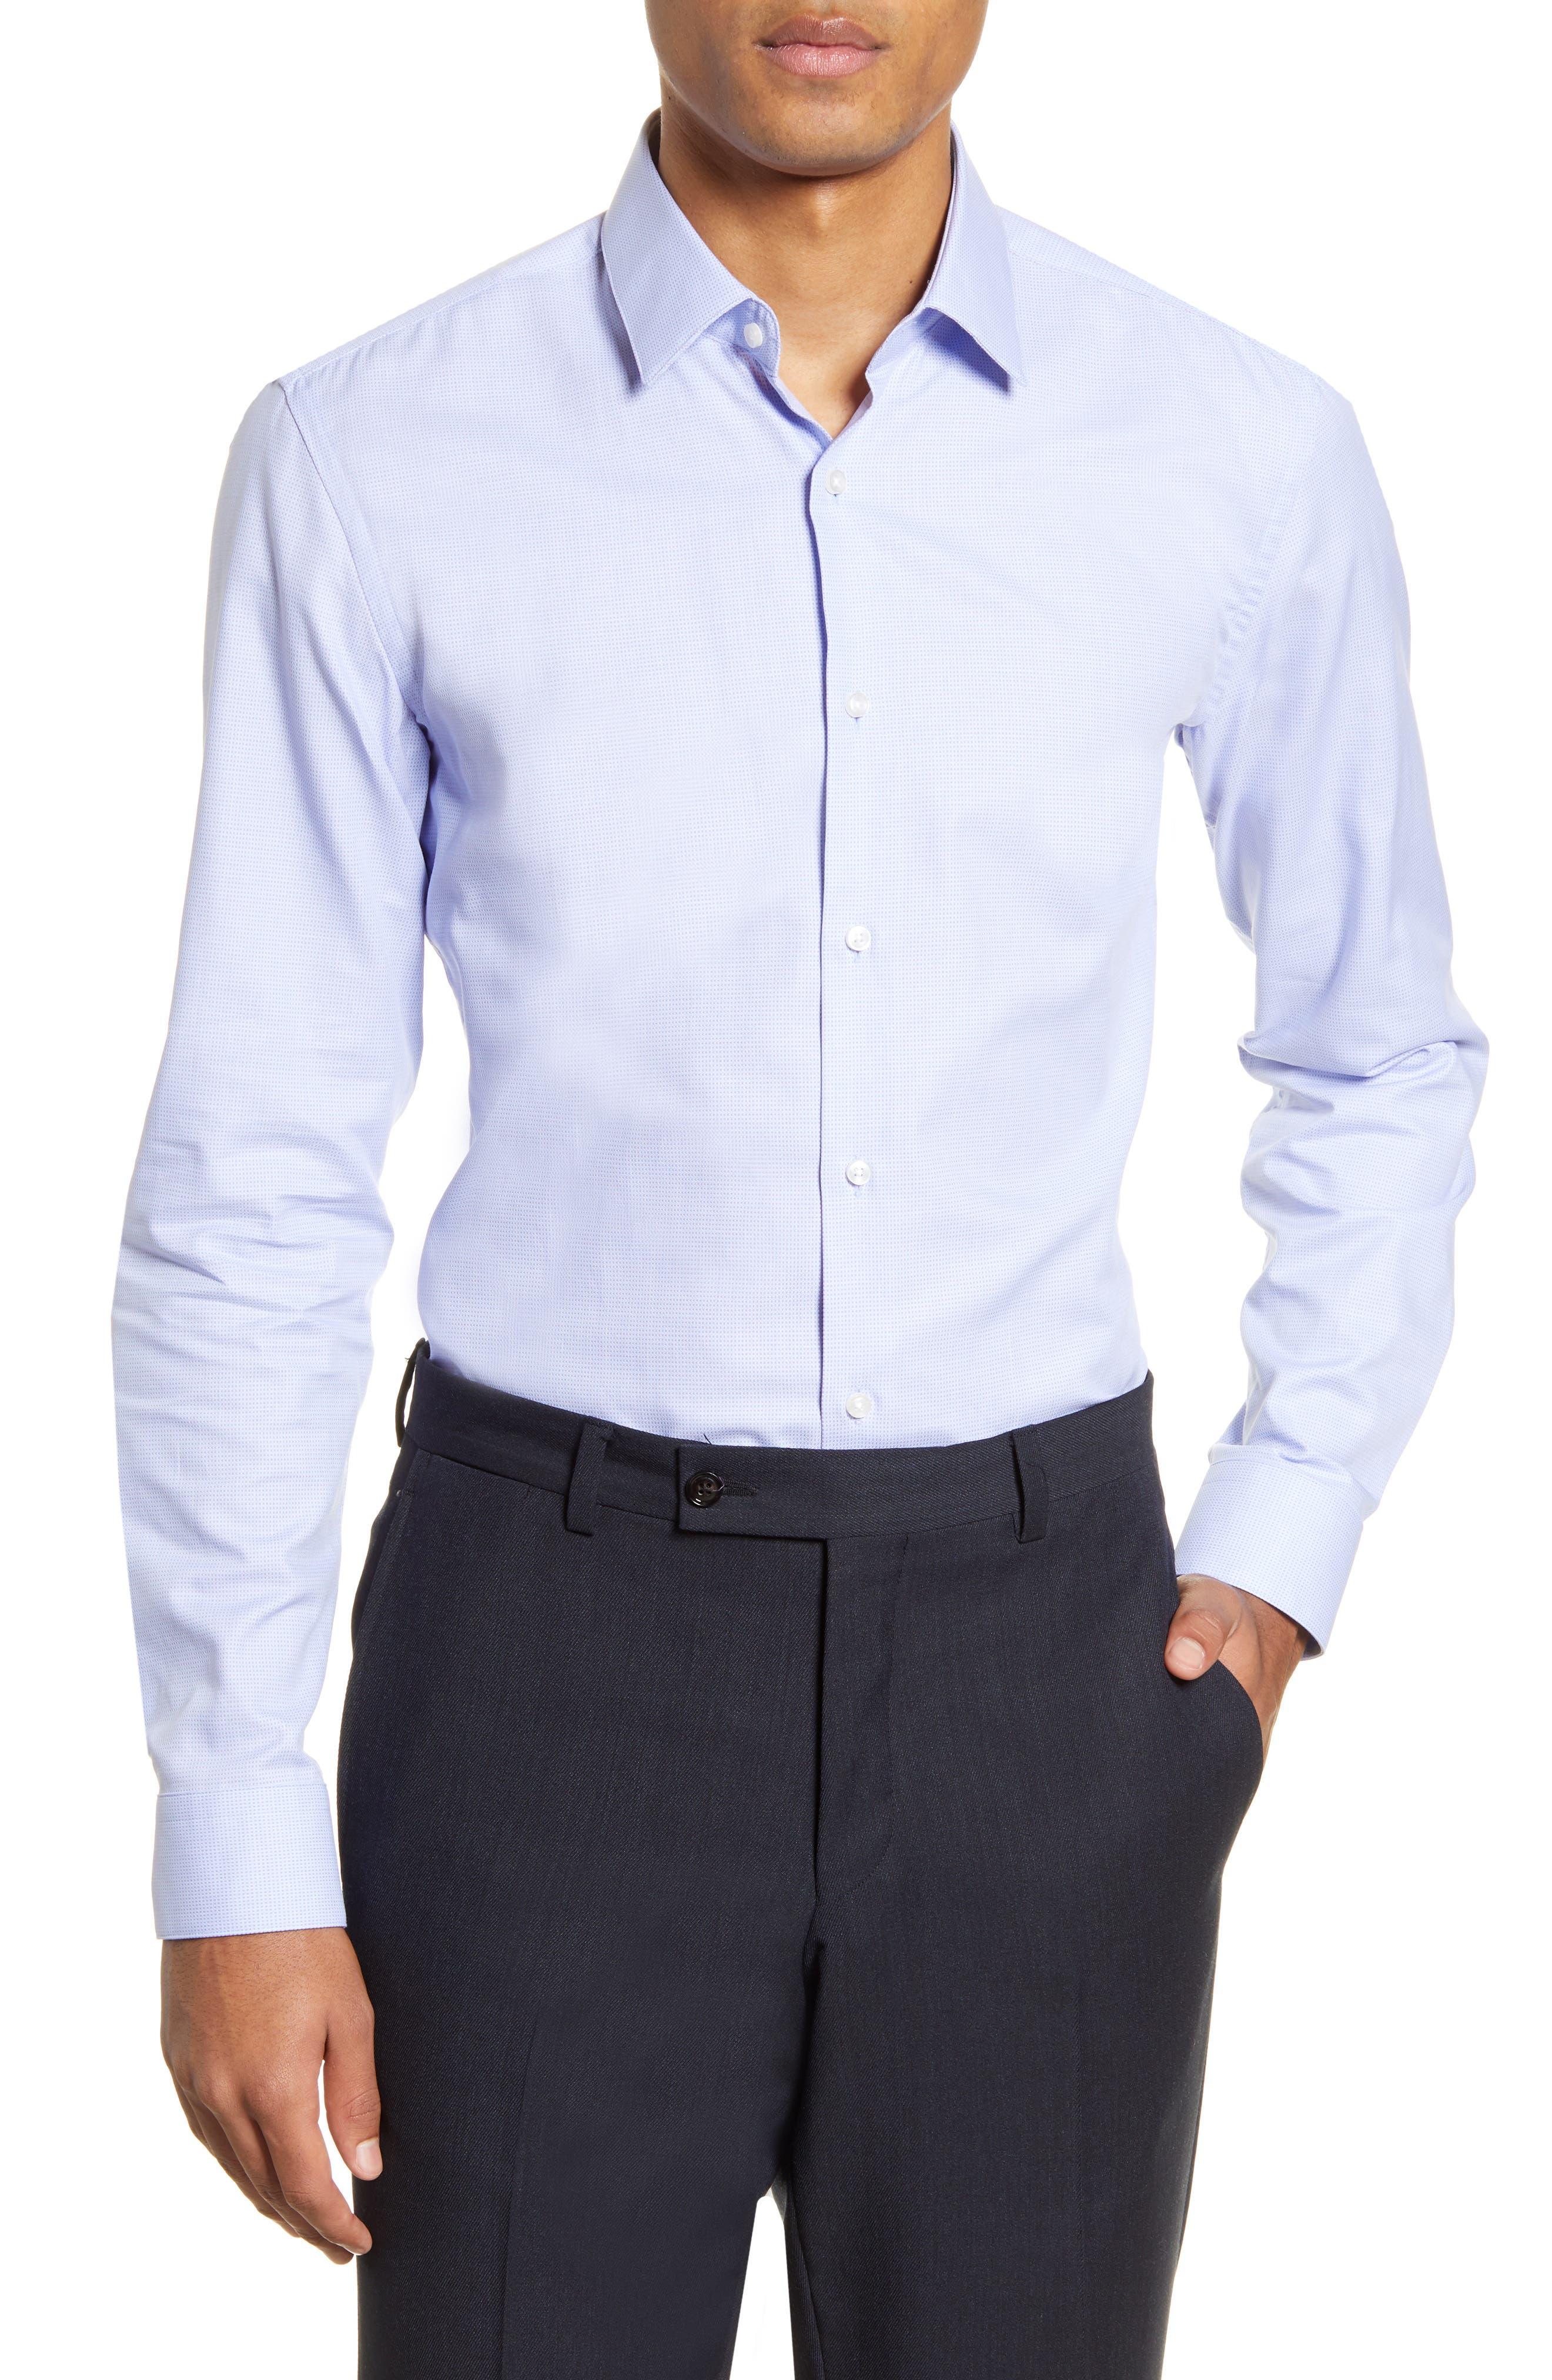 Image of BOSS Slim Fit Pattern Dress Shirt